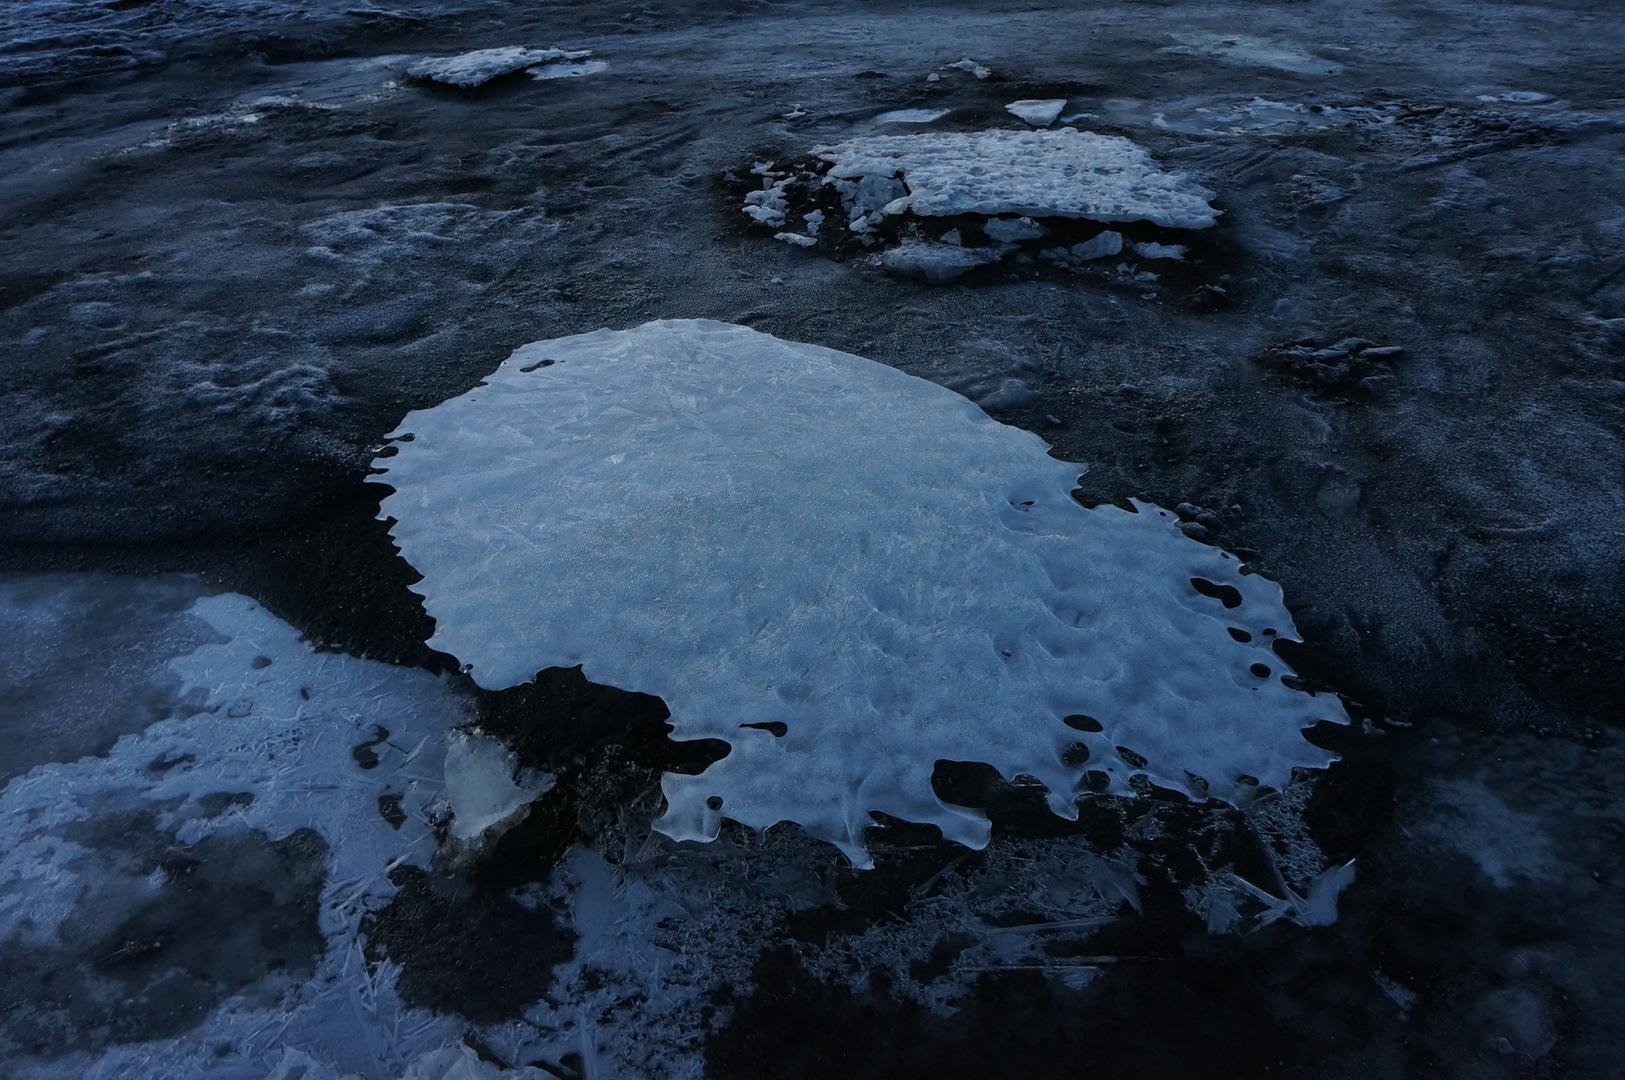 Eisscholle in der Dämmerung